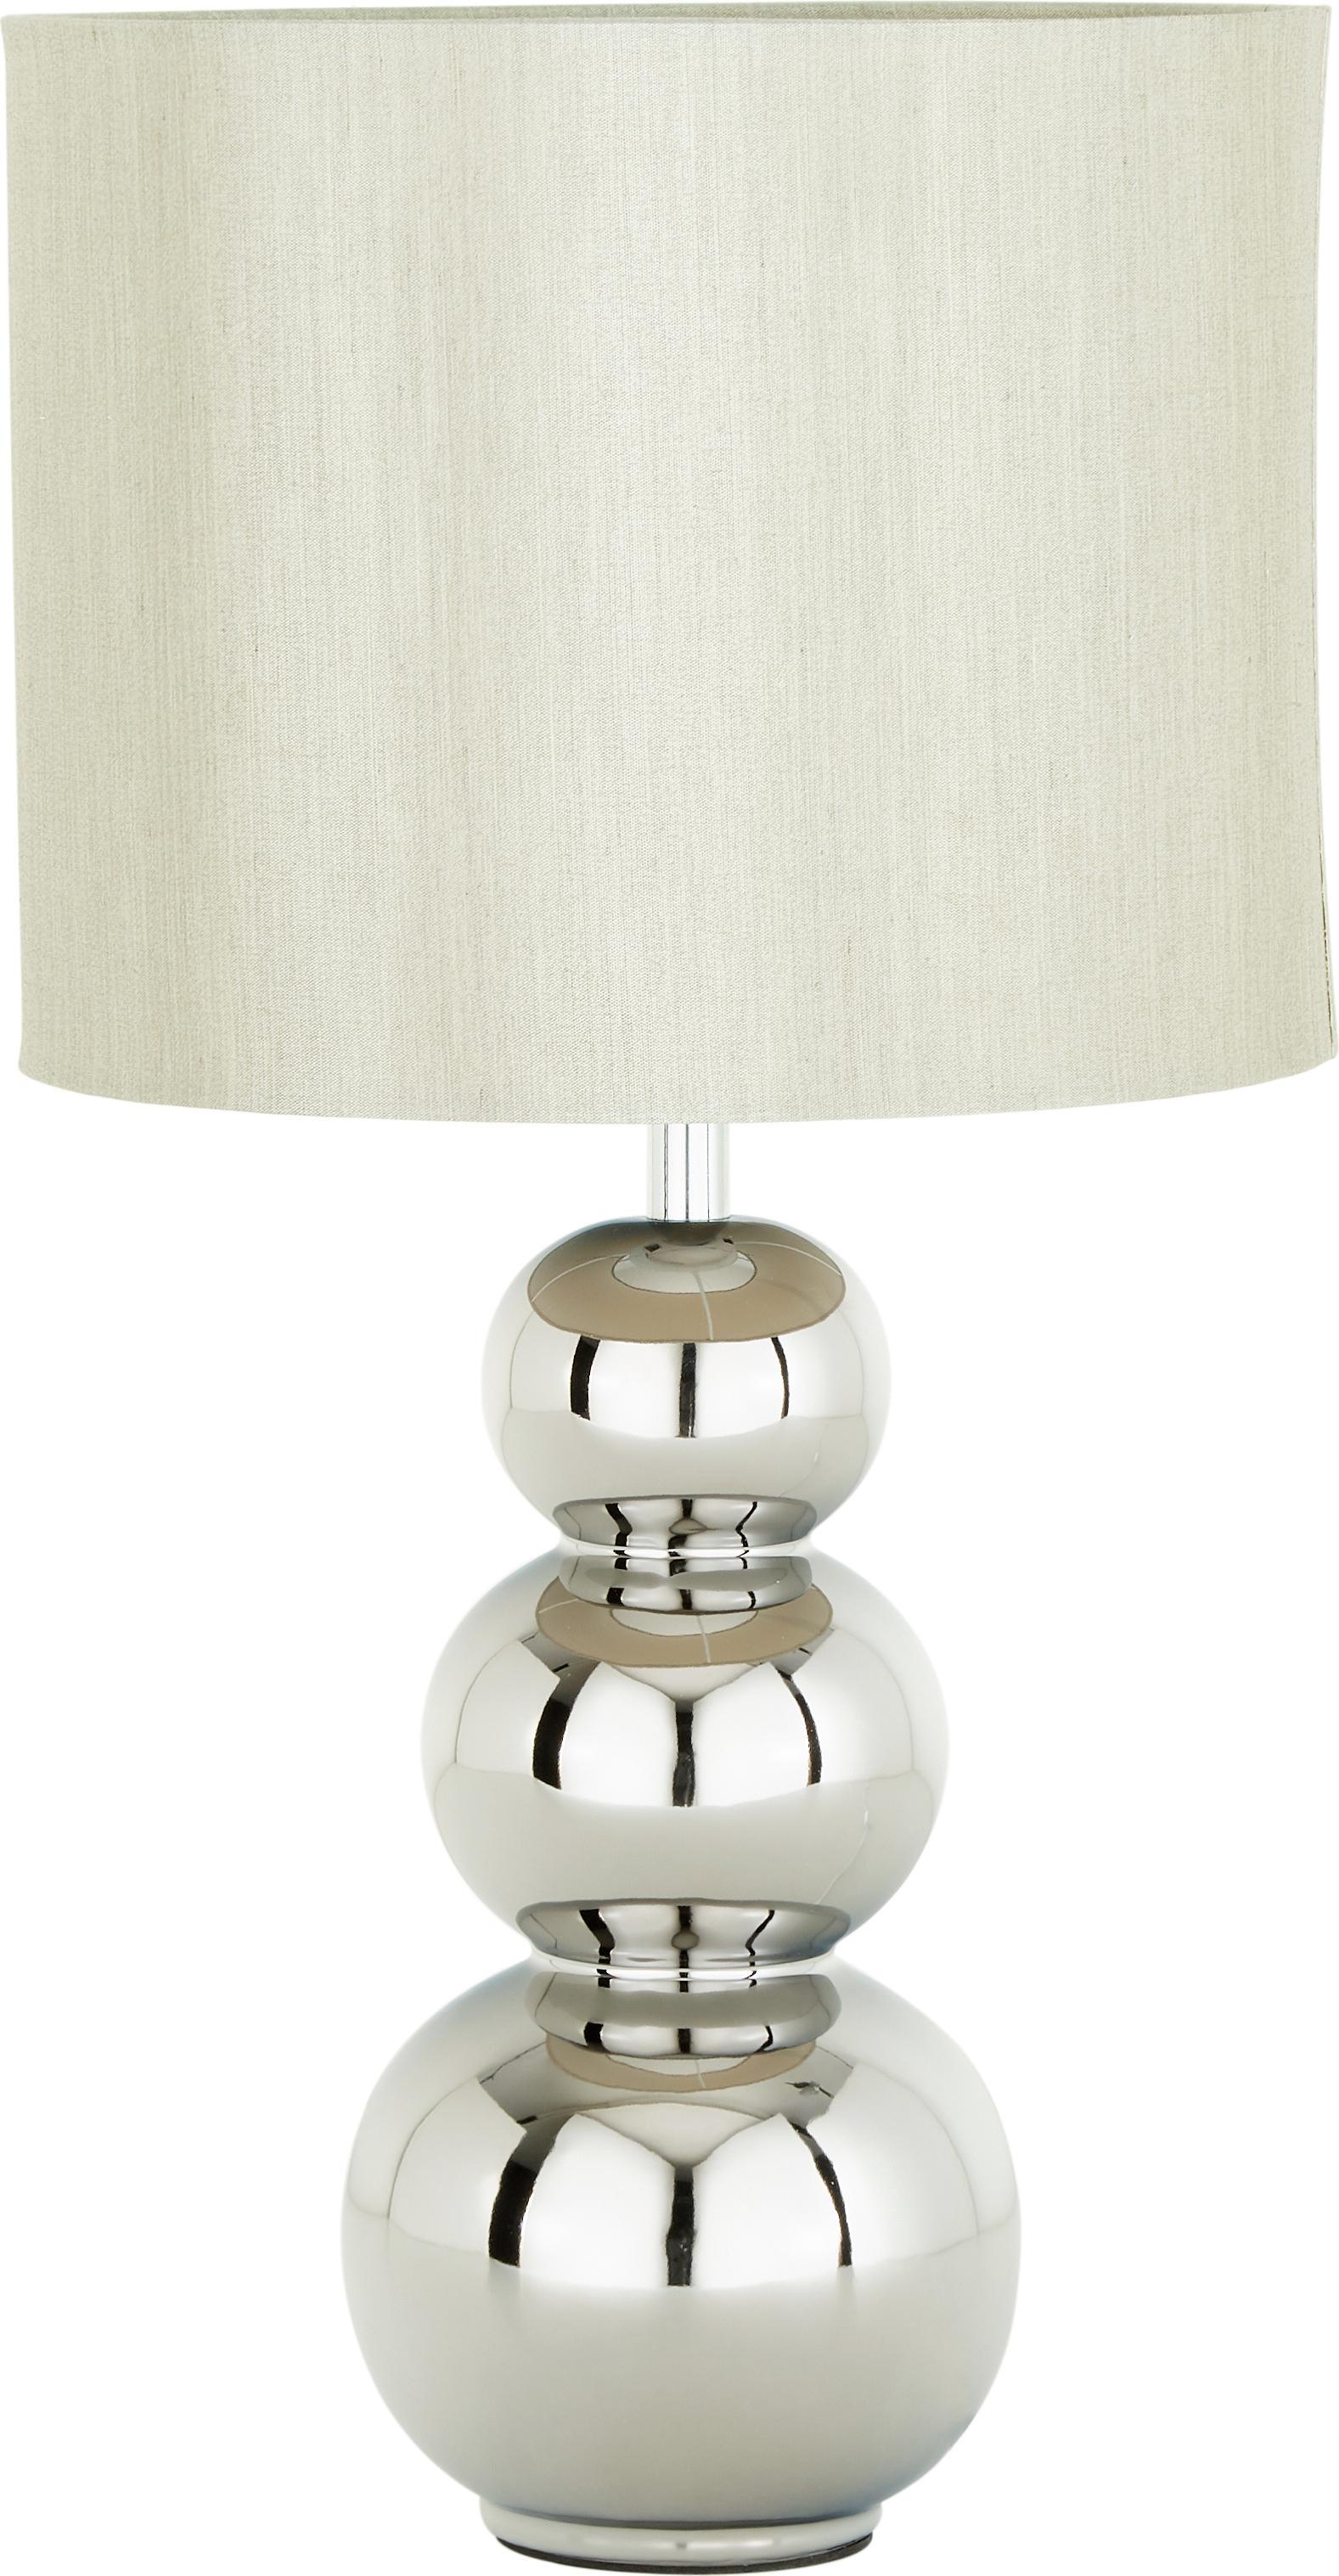 Lámpara de mesa de cerámica Regina, Pantalla: tela, Base de la lámpara: cerámica, Cable: plástico, Gris pardo, cromo, Ø 25 x Al 49 cm